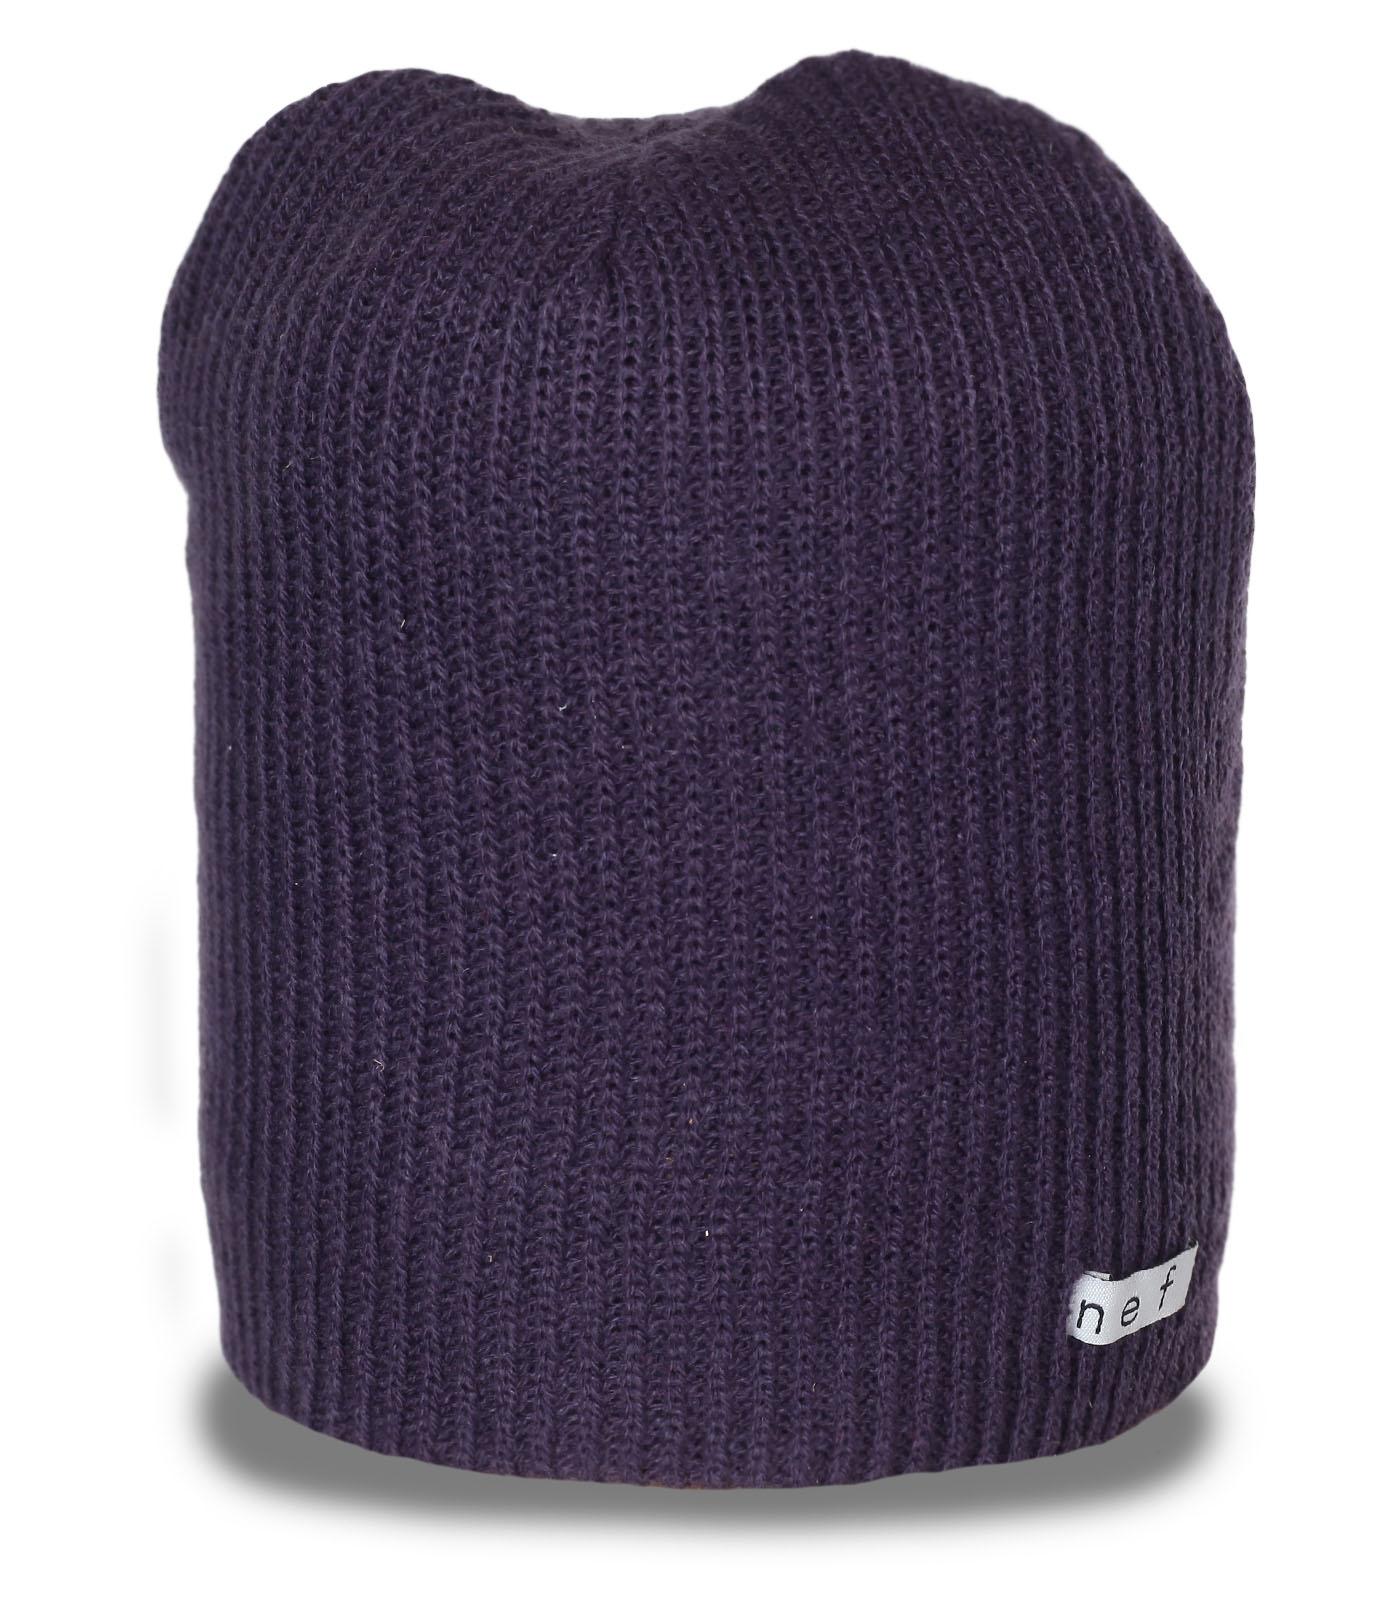 Межсезонная мужская повседневная шапка бини бренда Neff комфортная недорогая уютная модель